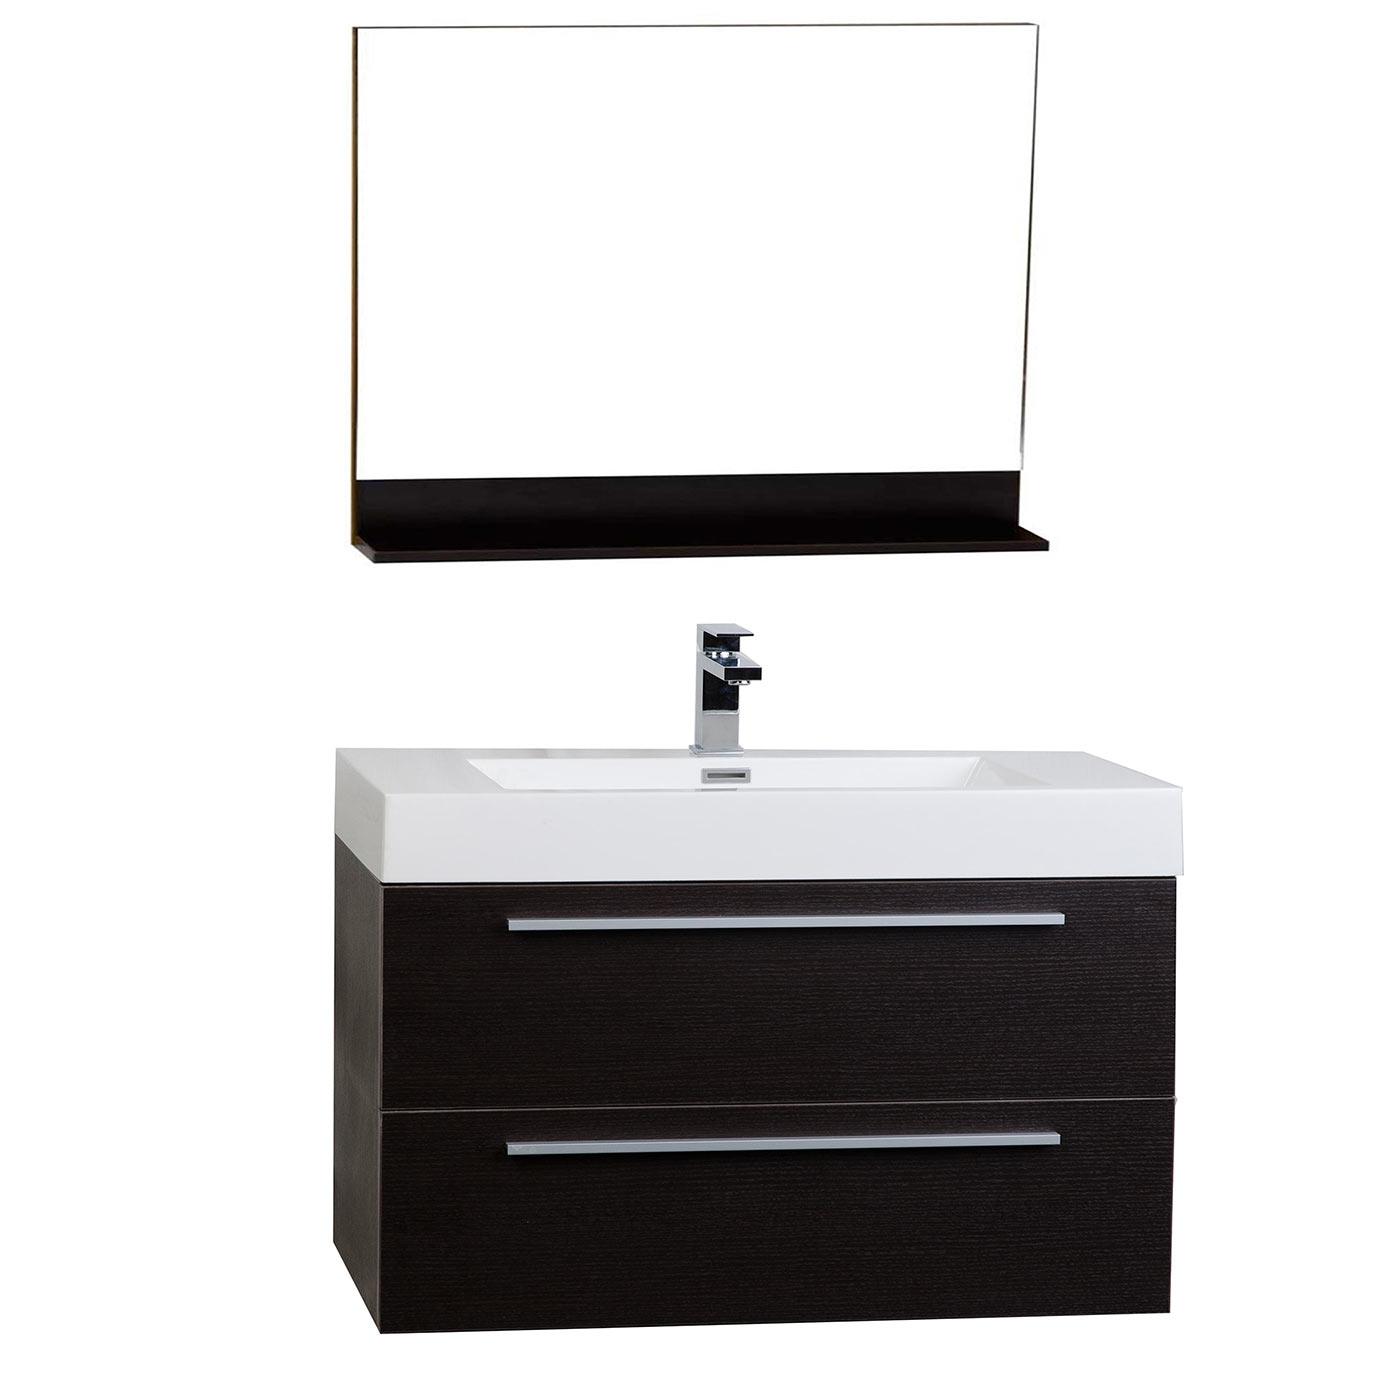 355 Wall Mount Contemporary Bathroom Vanity Mirror Set Espresso TN M900 WG